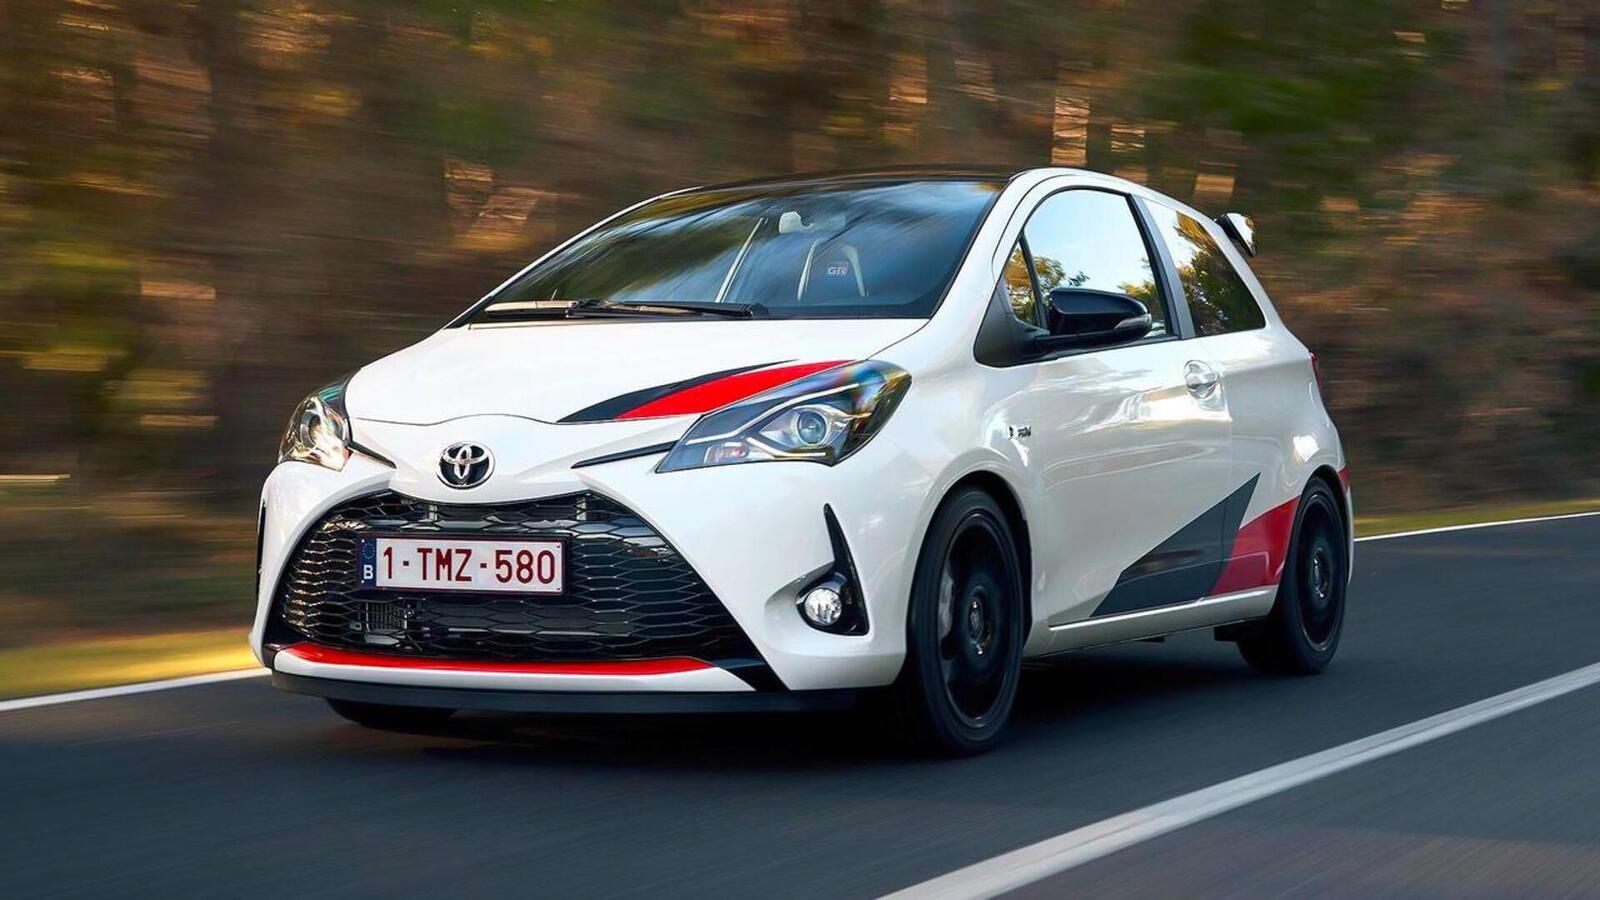 Ngoài đổi mới thiết kế trẻ trung Toyota sẽ phát triển nhiều xe thể thao hơn trong tương lai - Hình 5